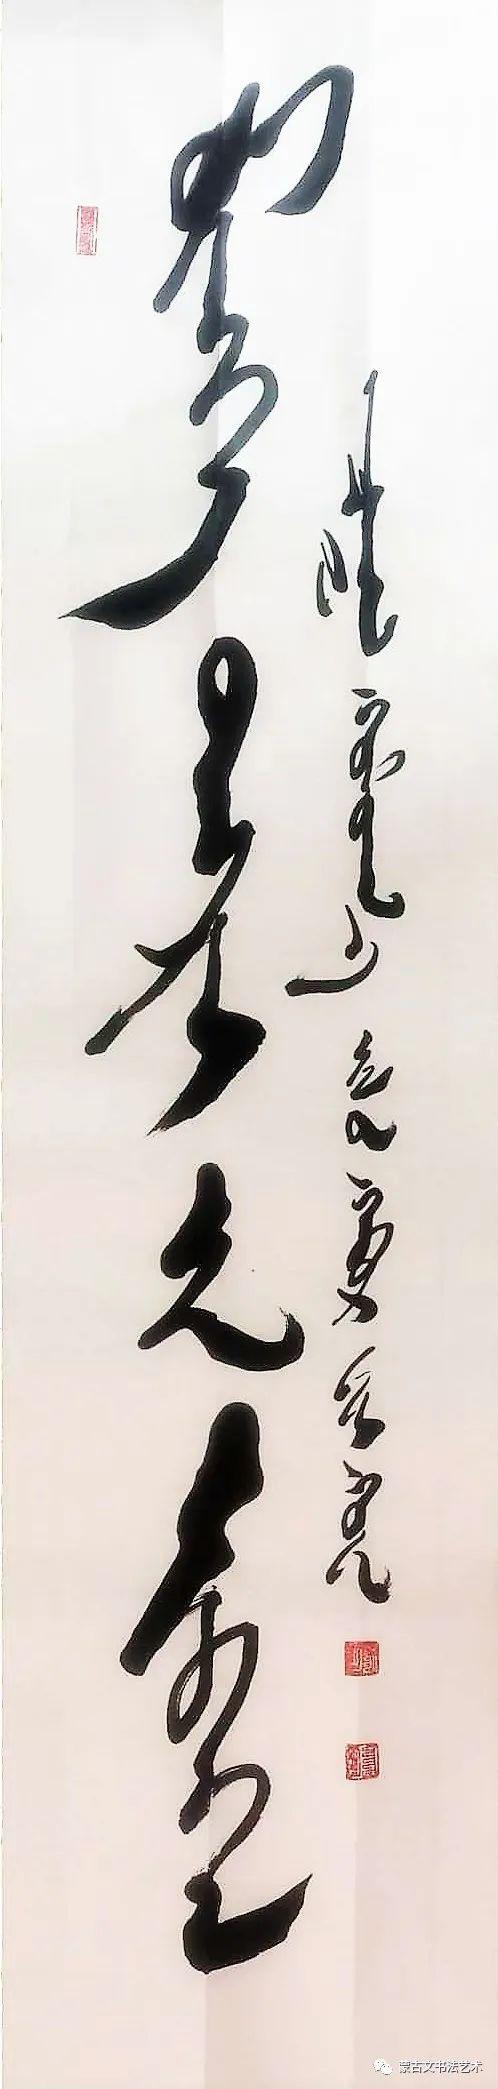 伟花蒙古文书法 第7张 伟花蒙古文书法 蒙古书法